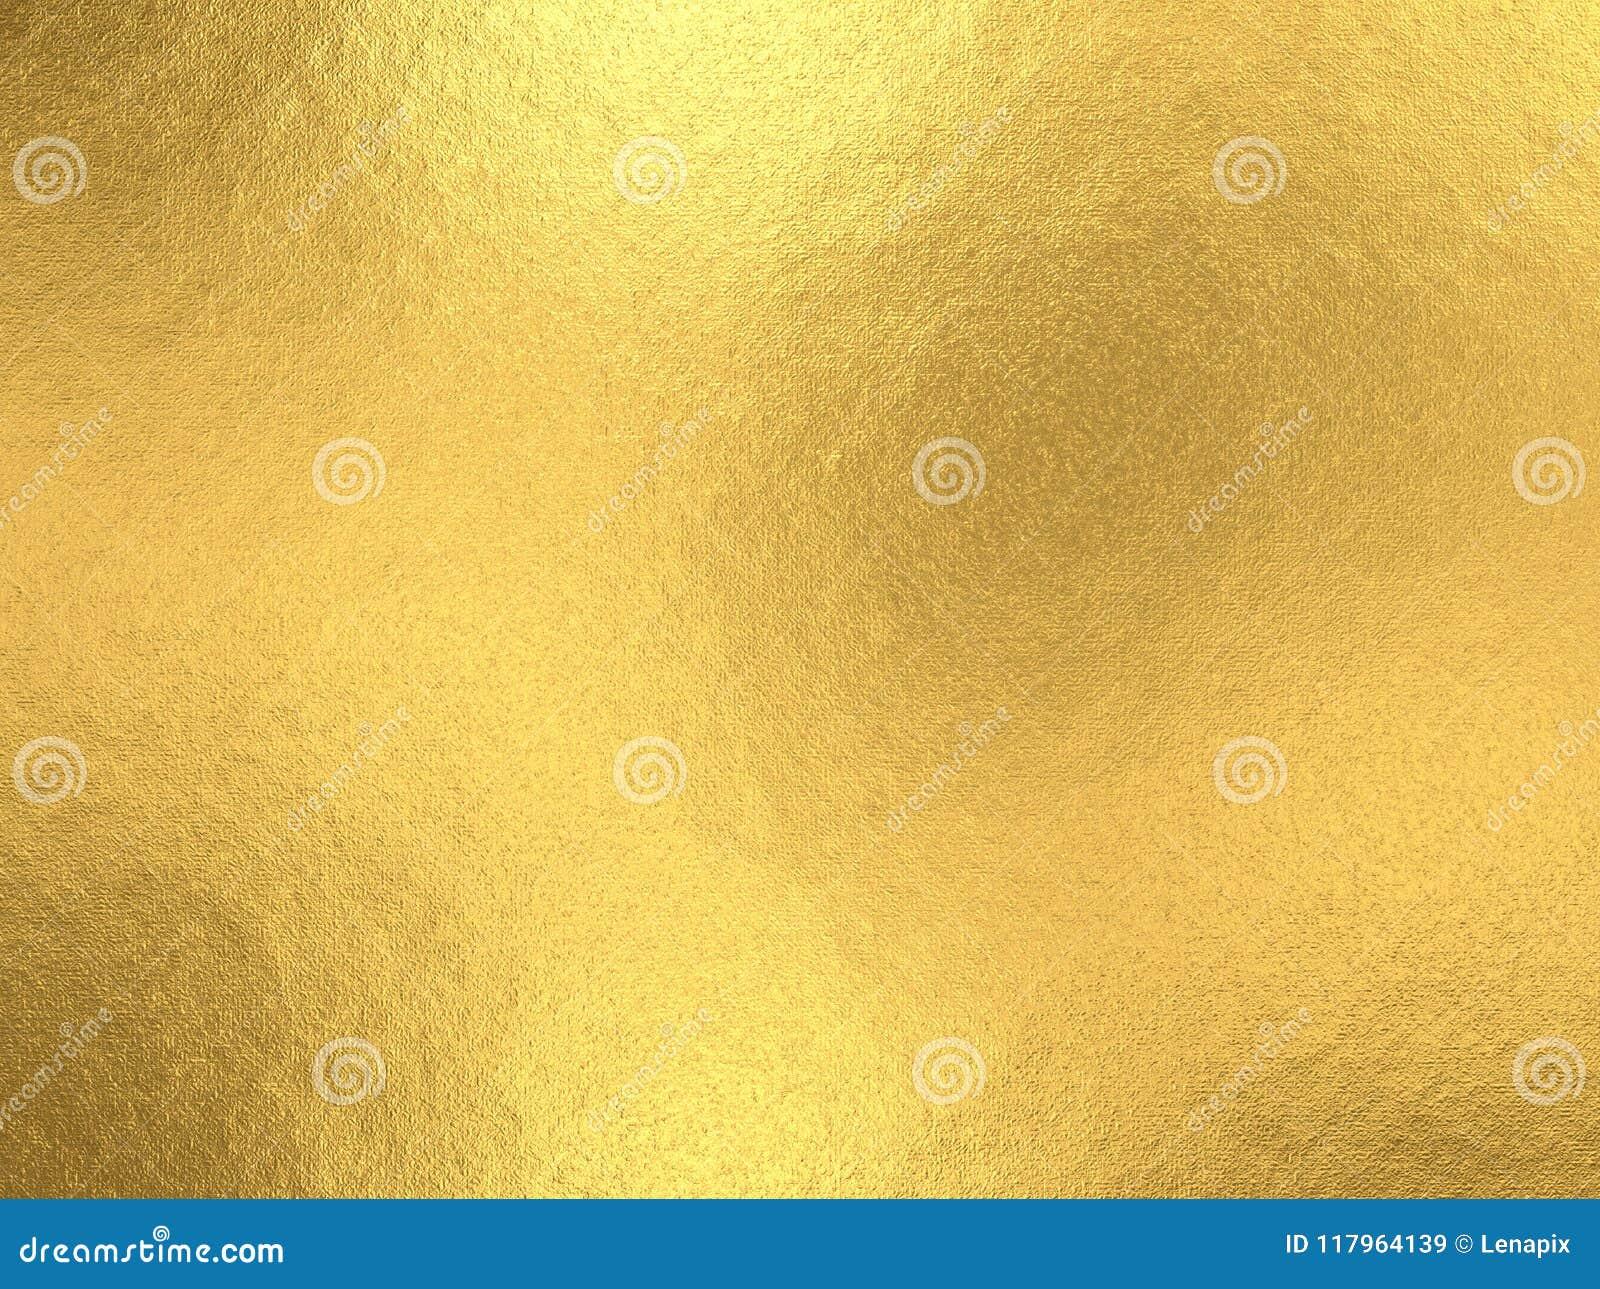 Fondo de la hoja de oro con reflejos de luz